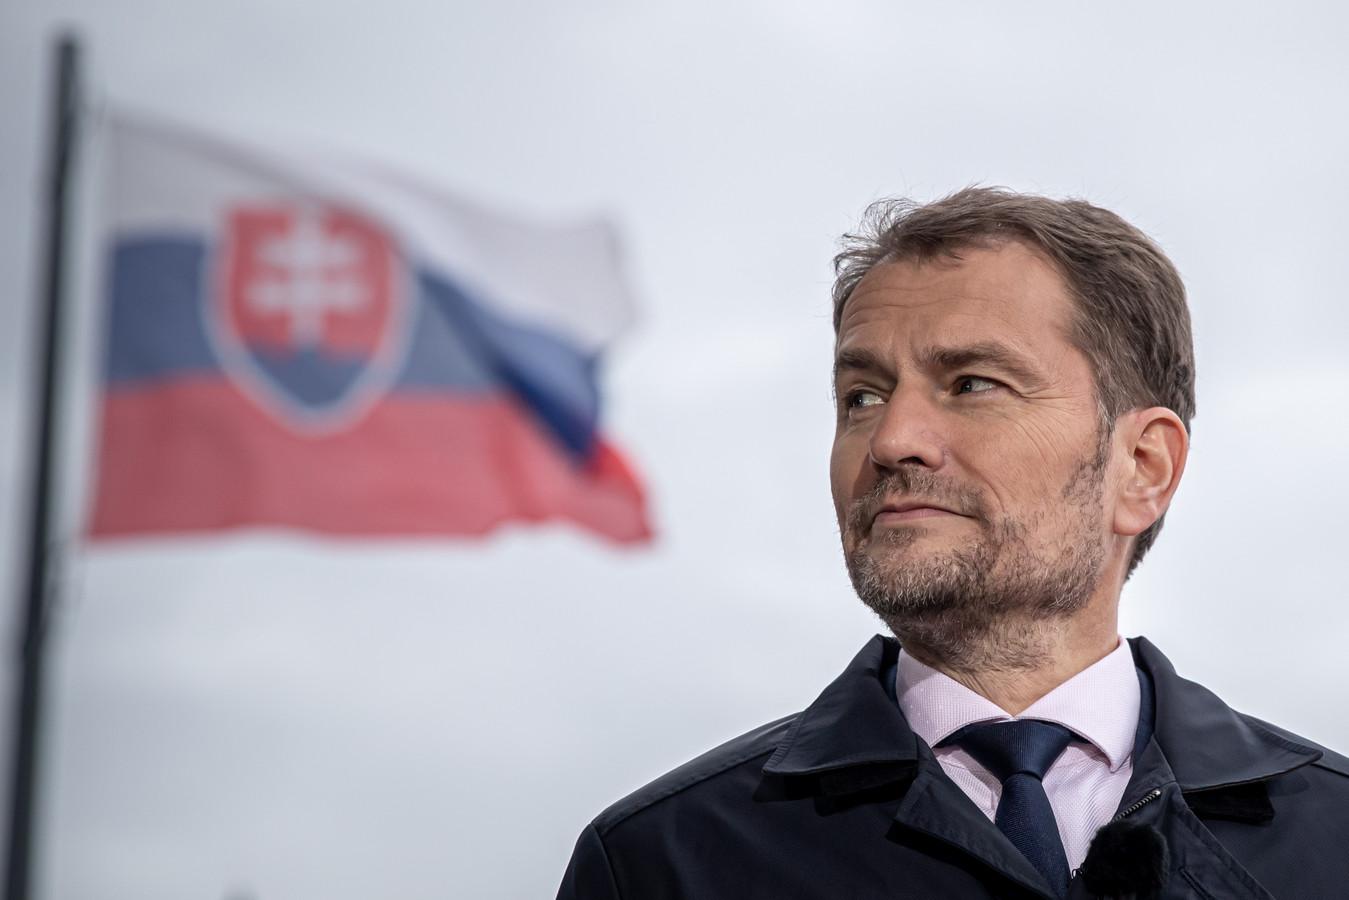 De Slovaakse premier Igor Matovic. In het Centraal-Europese land is de zaak-Chovanec al wekenlang voorpaginanieuws.